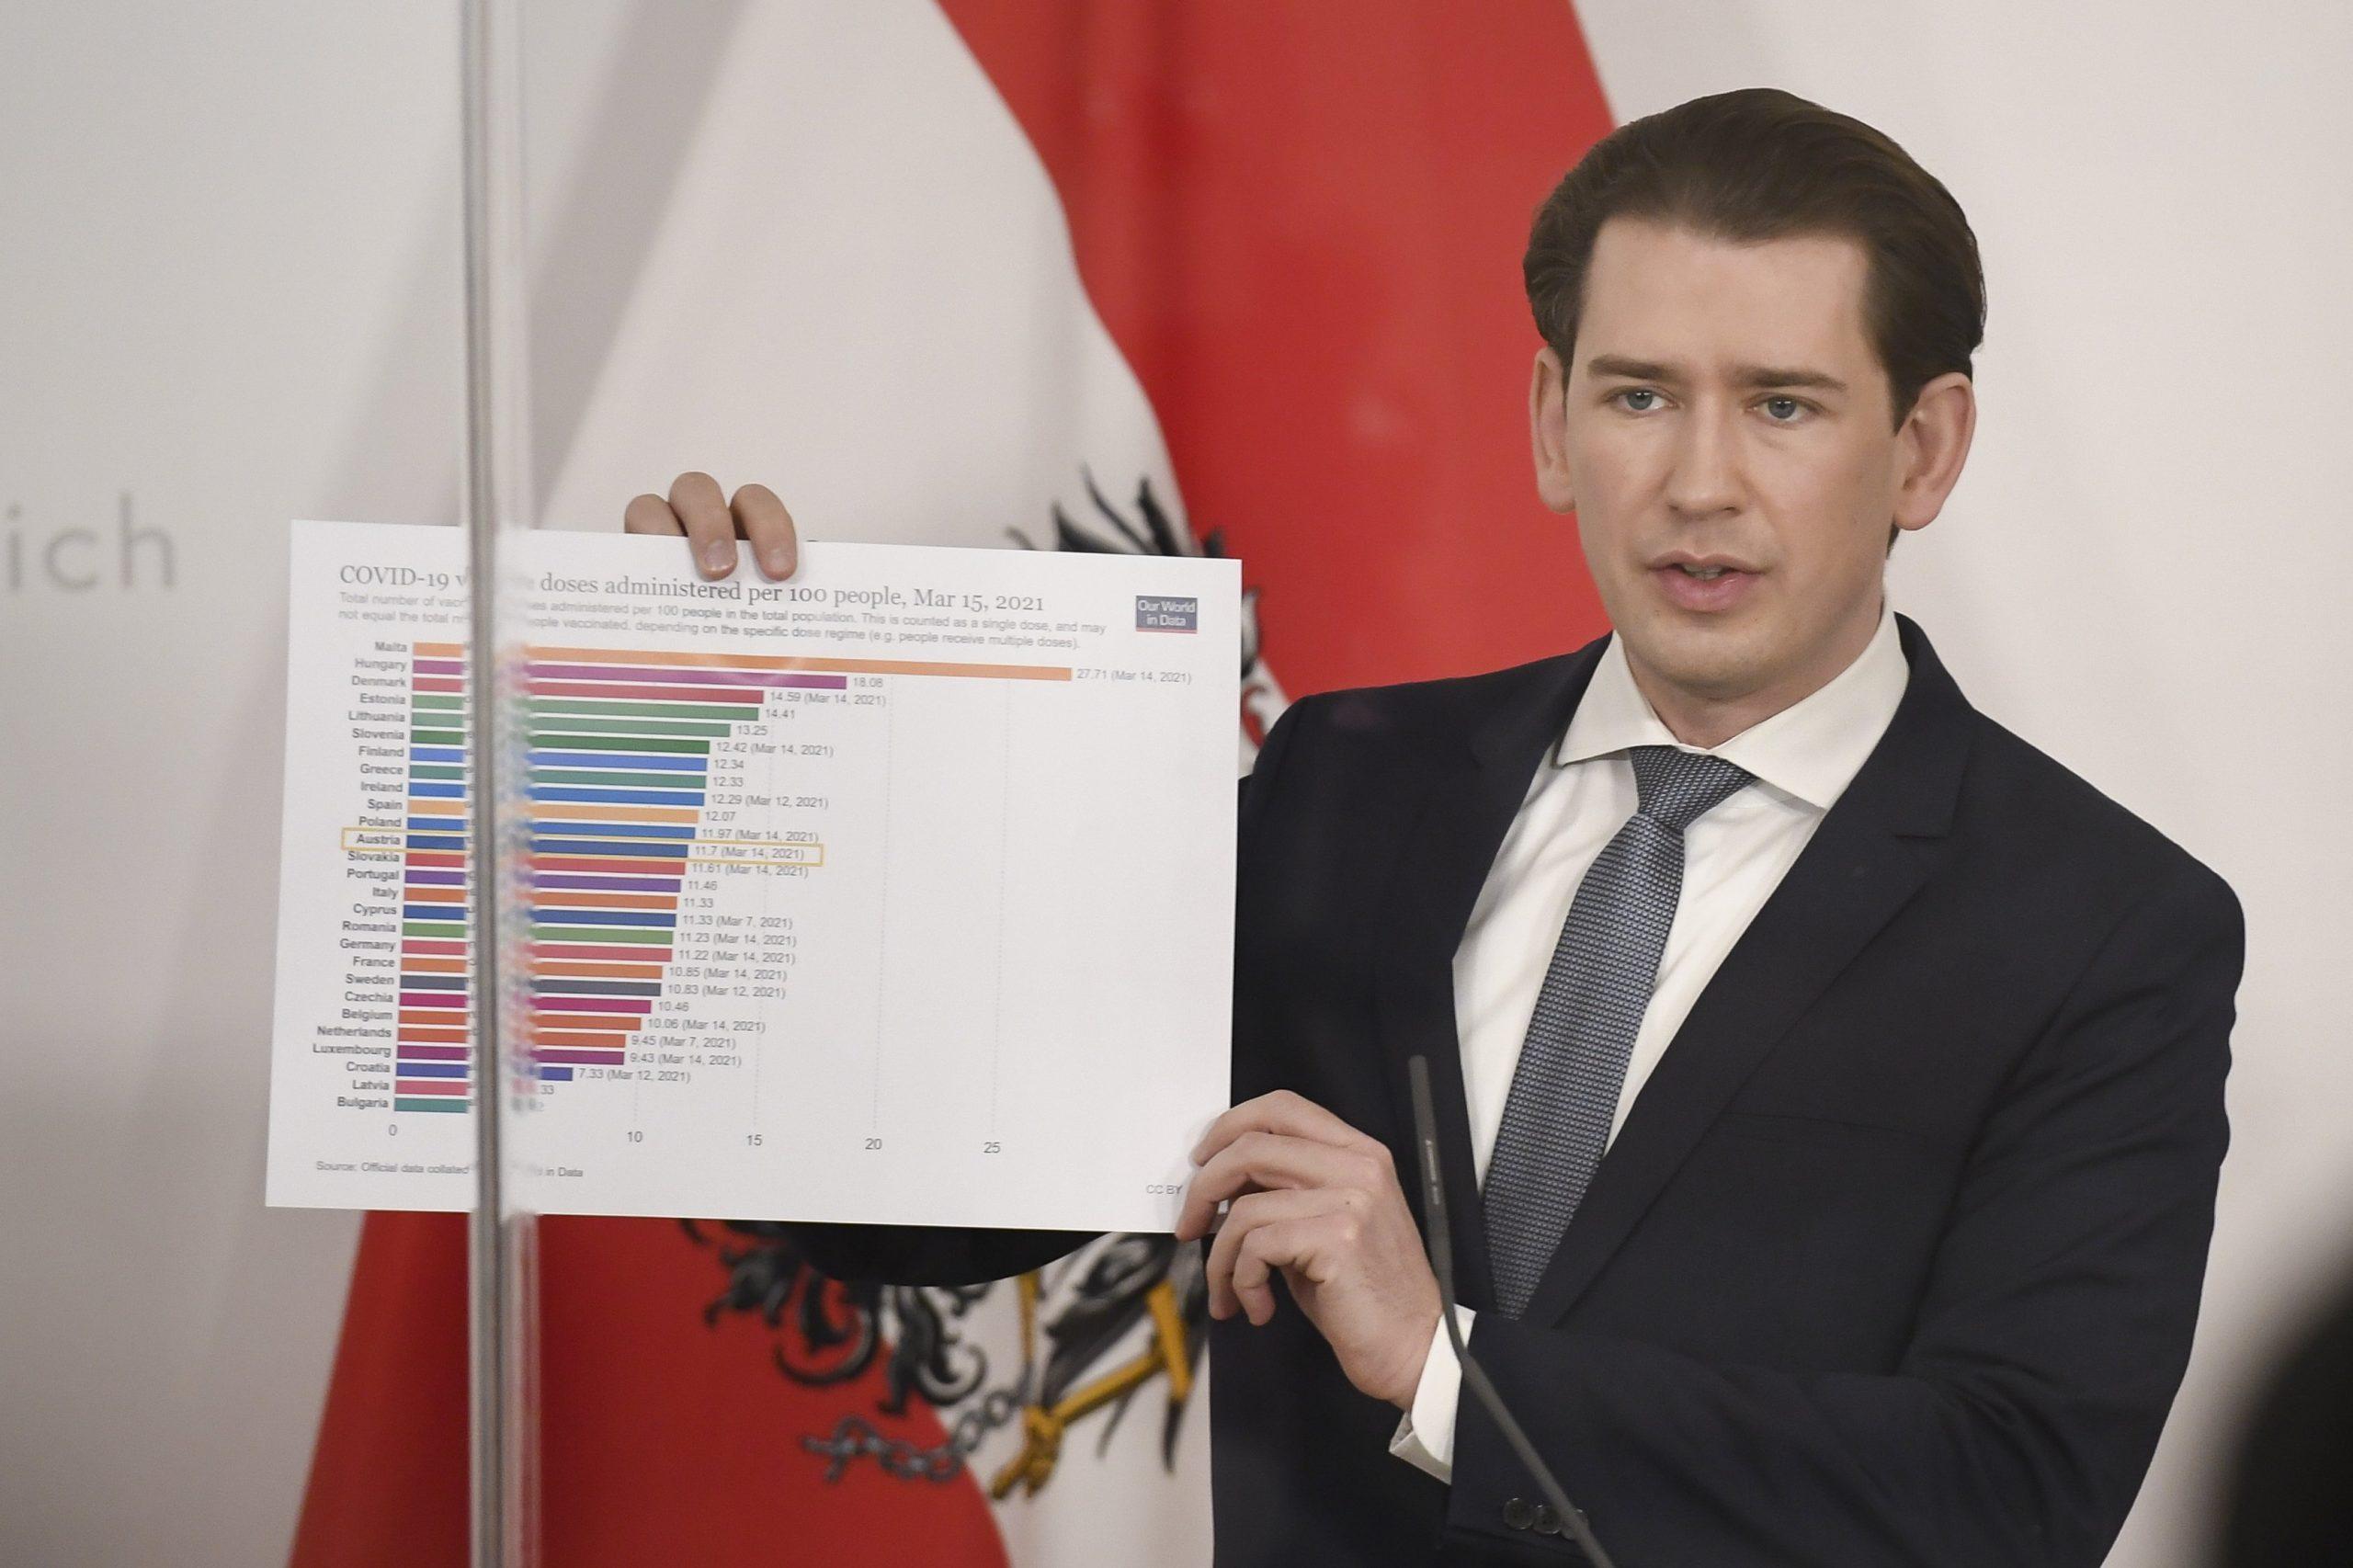 Corona-Maßnahmen: Warum wählt Ungarn eine andere Strategie als Österreich?